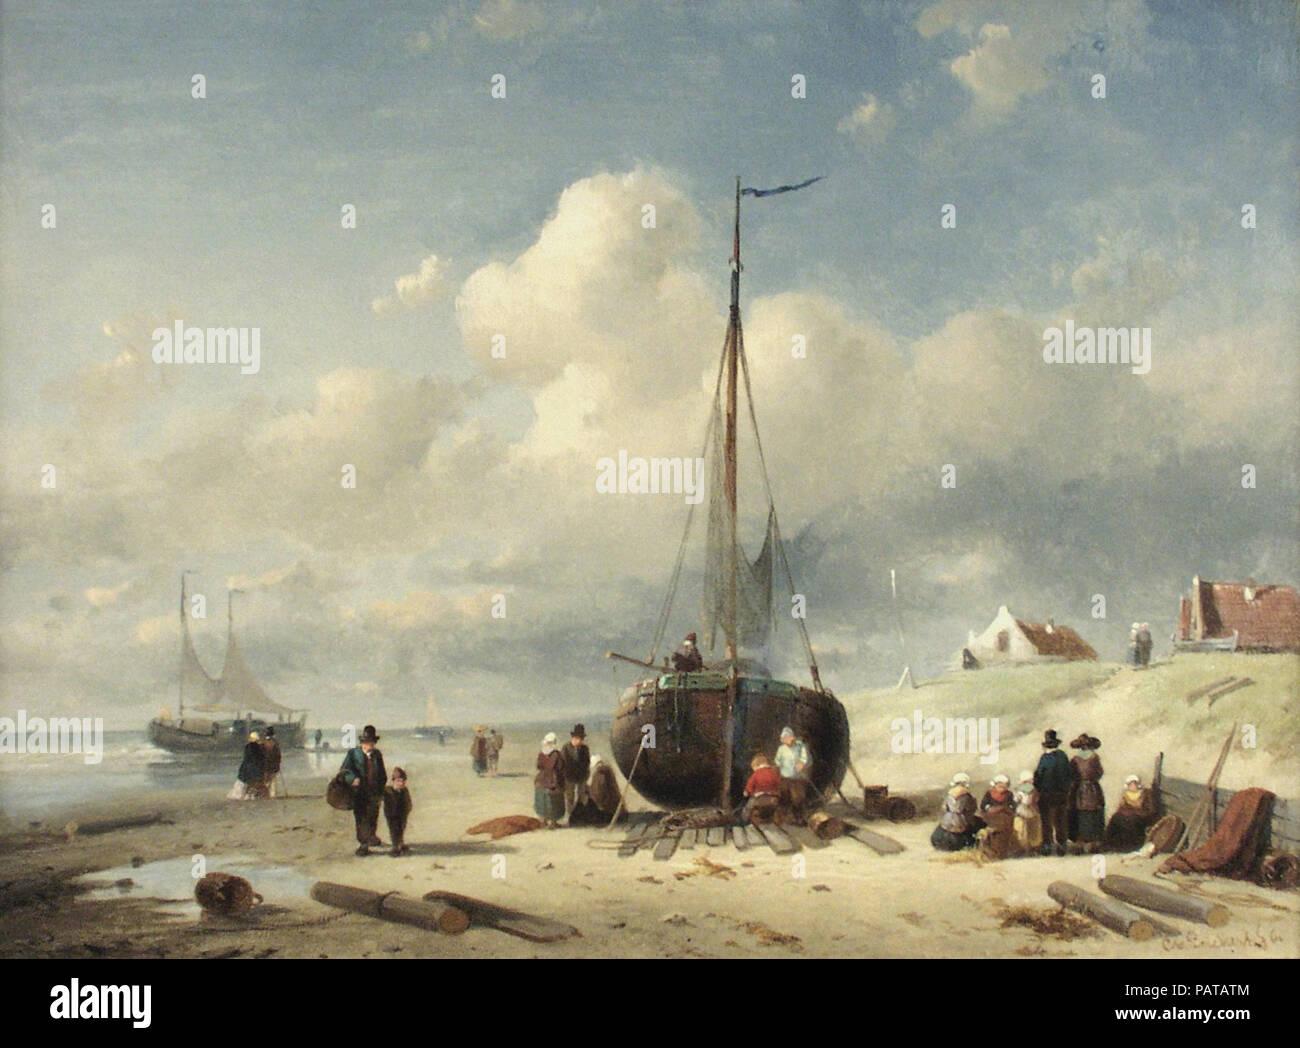 Leickert  Charles Henri Joseph - Repairing the Boat - Stock Image